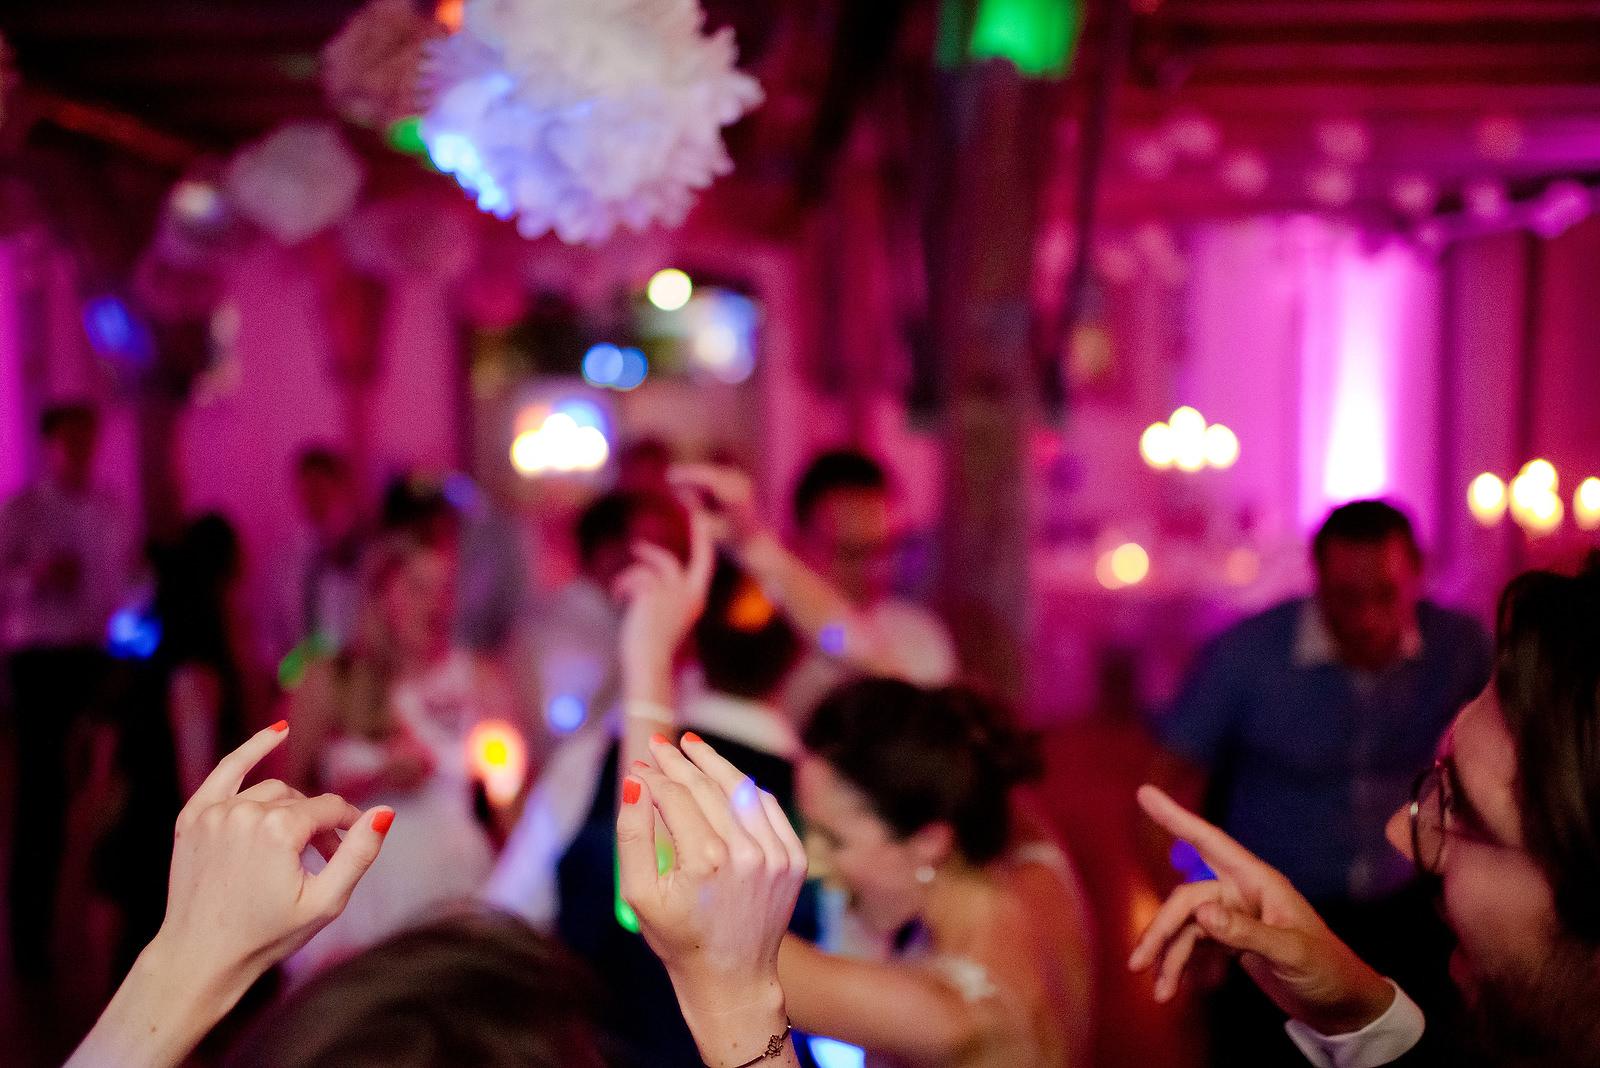 Fotograf Konstanz - Hochzeitsfotograf Bodensee Zollhaus Ludwigshafen Hochzeit Konstanz EFP 147 - Hochzeitsreportage im Zollhaus in Bodman-Ludwigshafen, Bodensee  - 250 -